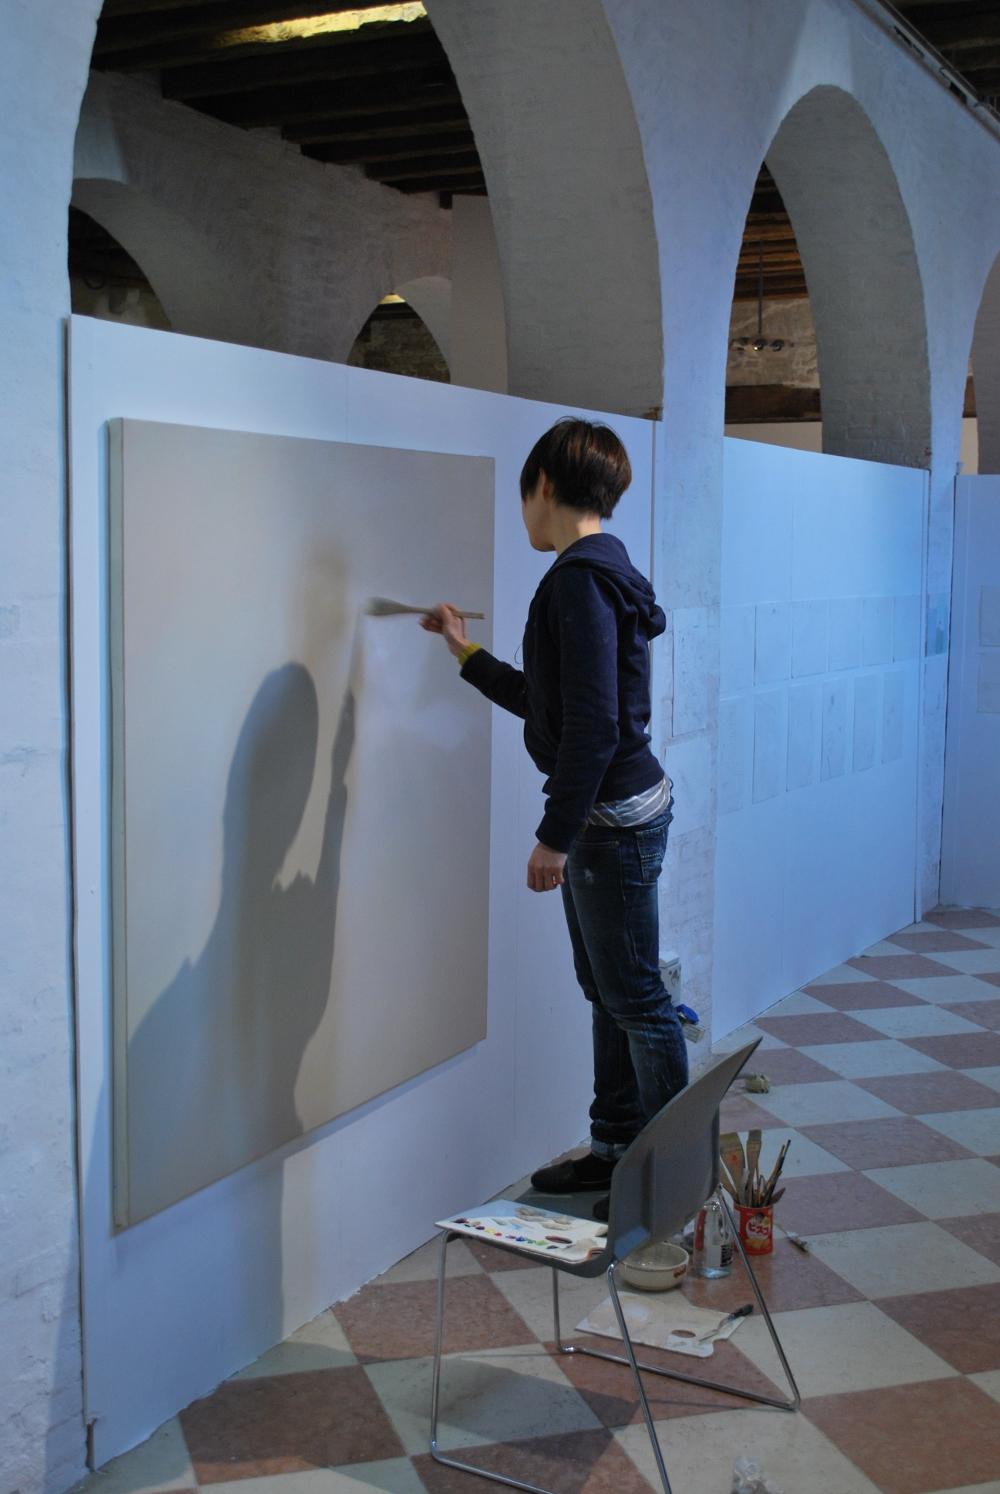 Ayano Yamamoto dipinge nel suo studio stando in piedi su una sedia